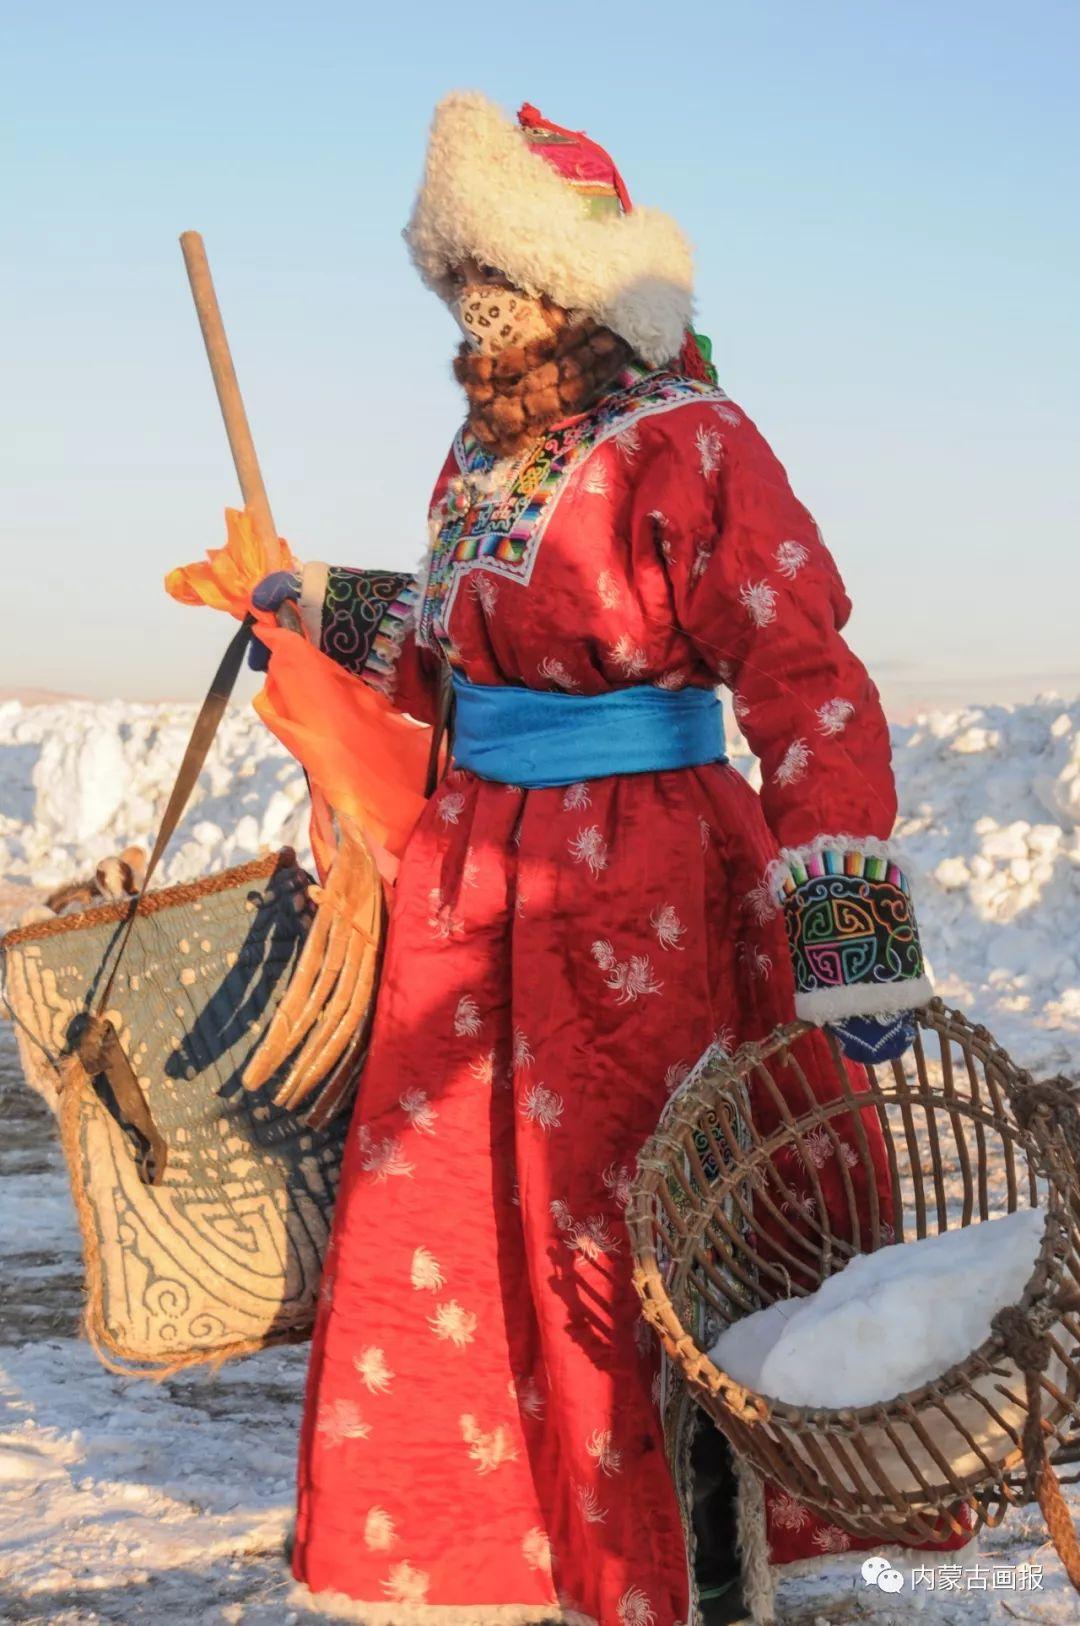 寒冷冬日,蒙古族是这样防寒的! 第9张